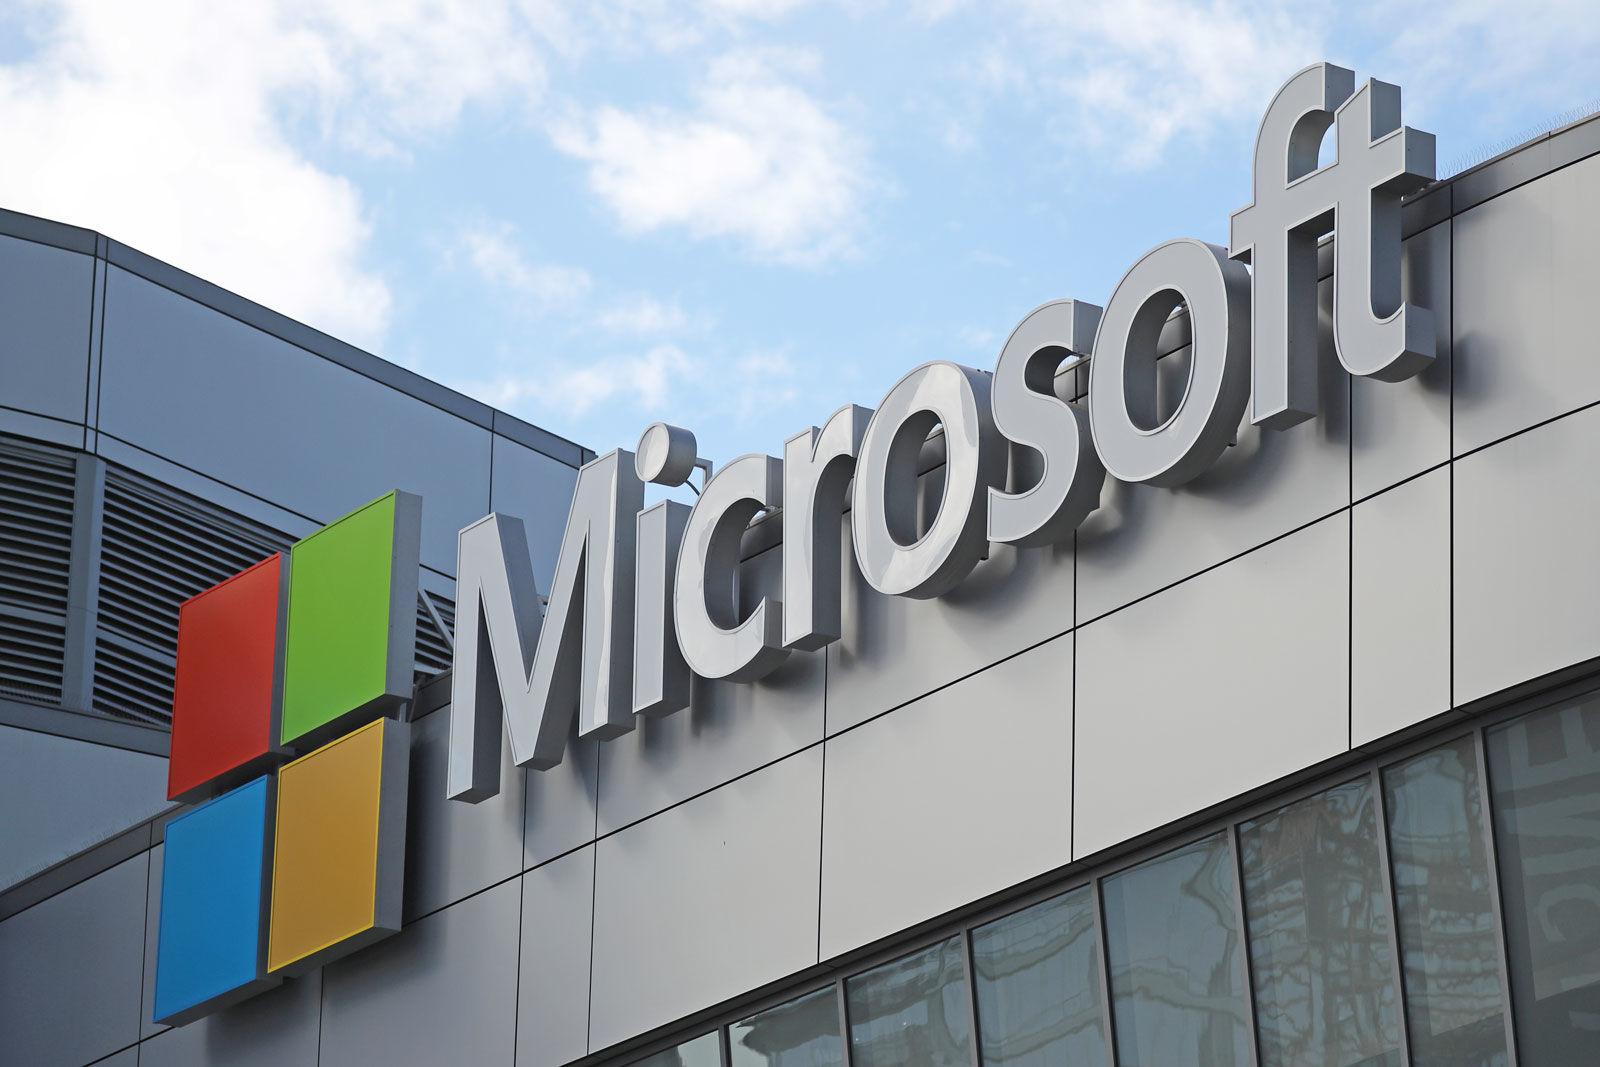 مصادر مايكروسوفت المفتوحة تسجل 60000 براءة اختراع لمساعدة لينكس تجنب الدعاوى القضائية